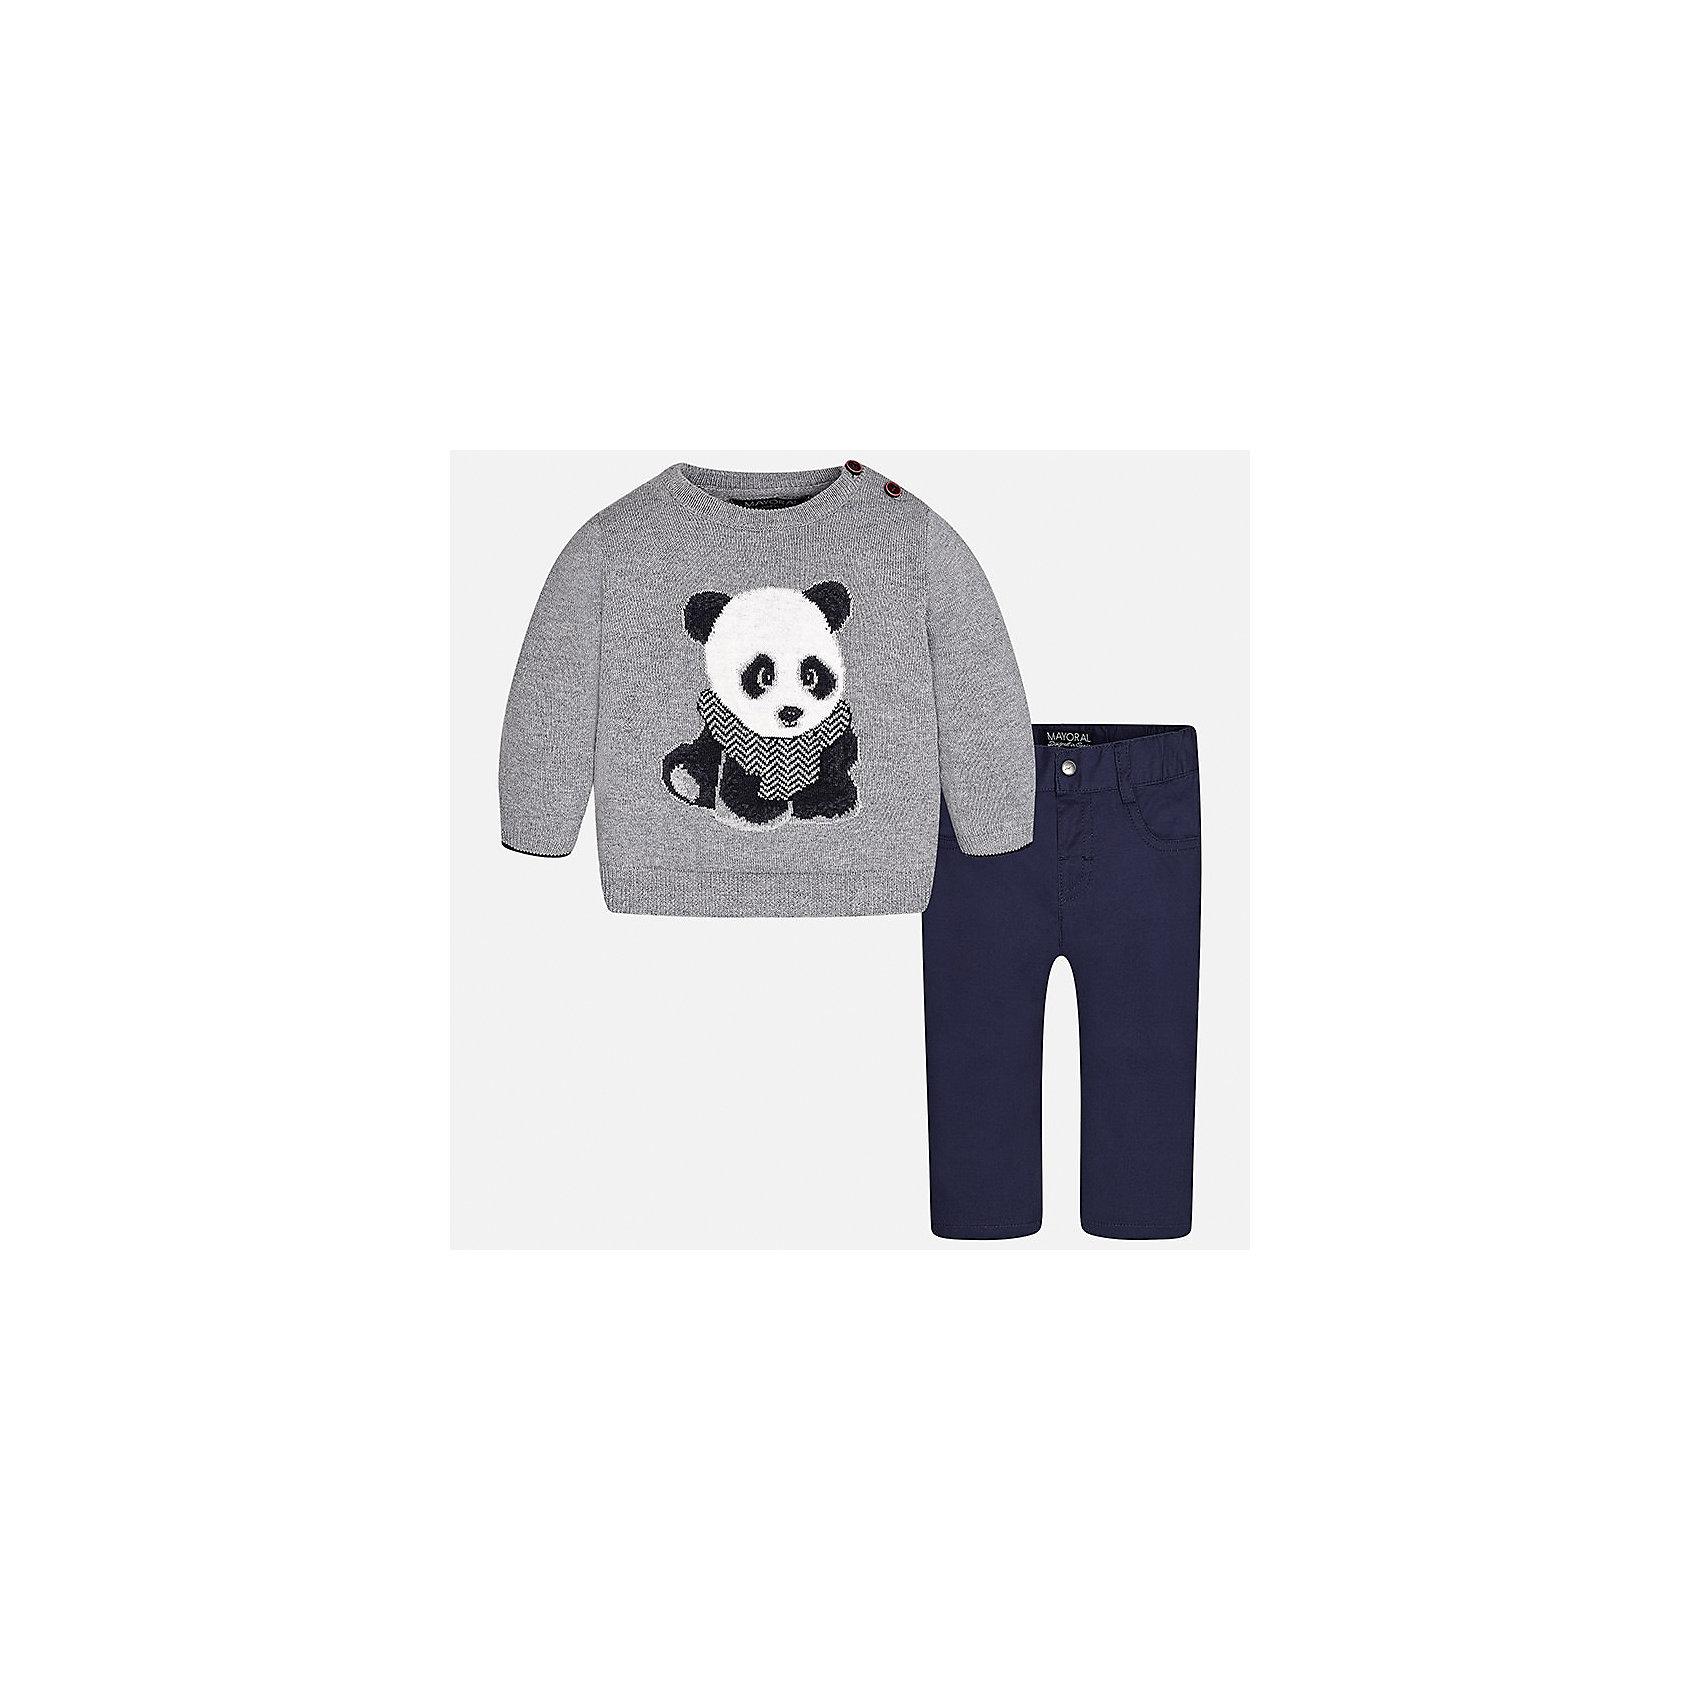 Комплект: свитер и брюки для мальчика MayoralКомплекты<br>Характеристики товара:<br><br>• цвет: серый<br>• состав ткани: свитер - 60% хлопок, 30% полиамид, 10% шерсть, брюки - 100% хлопок,<br>• комплектация: свитер и брюки<br>• сезон: демисезон<br>• особенности модели: вязаный рисунок<br>• шлевки<br>• регулируемая талия<br>• застежка брюк: пуговица<br>• страна бренда: Испания<br>• страна изготовитель: Индия<br><br>Этот детский комплект из свитера и брюк подойдет для ношения в разных случаях. Отличный способ обеспечить ребенку тепло и комфорт - надеть детские брюки и свитер от Mayoral. Детские брюки сшиты из приятного на ощупь материала. Свитер для мальчика Mayoral удобно сидит по фигуре. <br><br>Комплект: свитер и брюки для мальчика Mayoral (Майорал) можно купить в нашем интернет-магазине.<br><br>Ширина мм: 215<br>Глубина мм: 88<br>Высота мм: 191<br>Вес г: 336<br>Цвет: серый<br>Возраст от месяцев: 24<br>Возраст до месяцев: 36<br>Пол: Мужской<br>Возраст: Детский<br>Размер: 98,74,80,86,92<br>SKU: 6935385